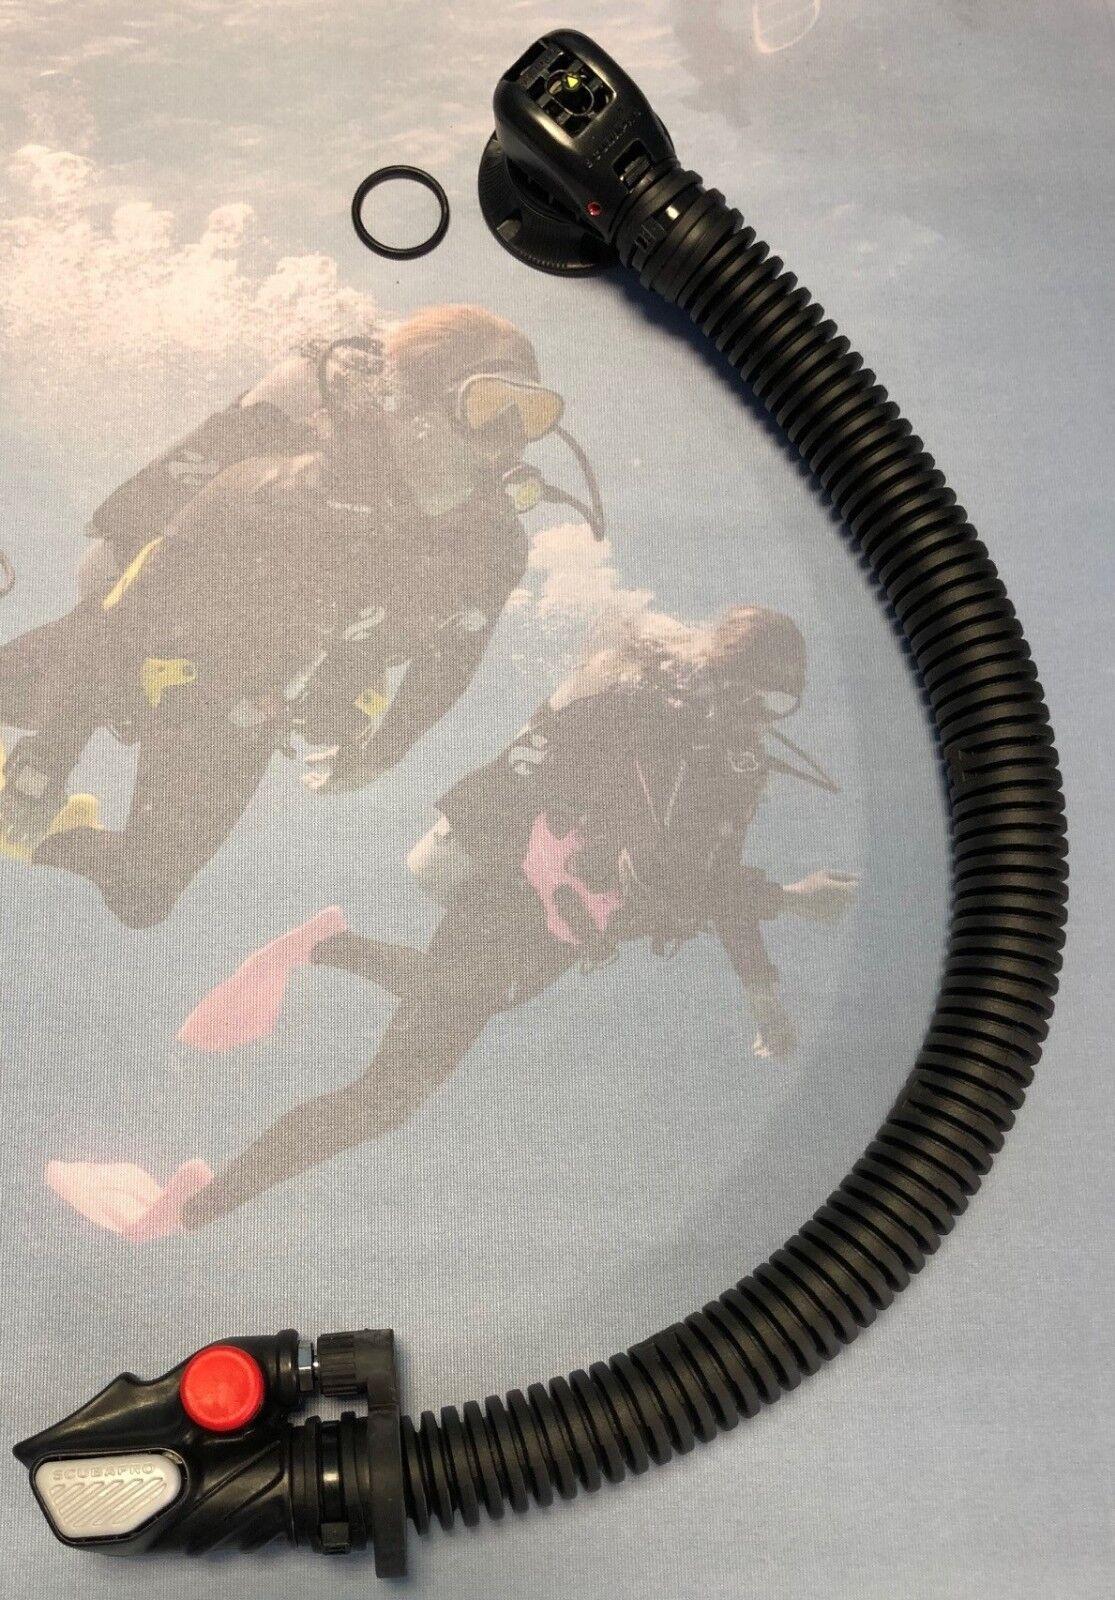 Scubapro BPI mit Faltenschlauch Version vor 2013